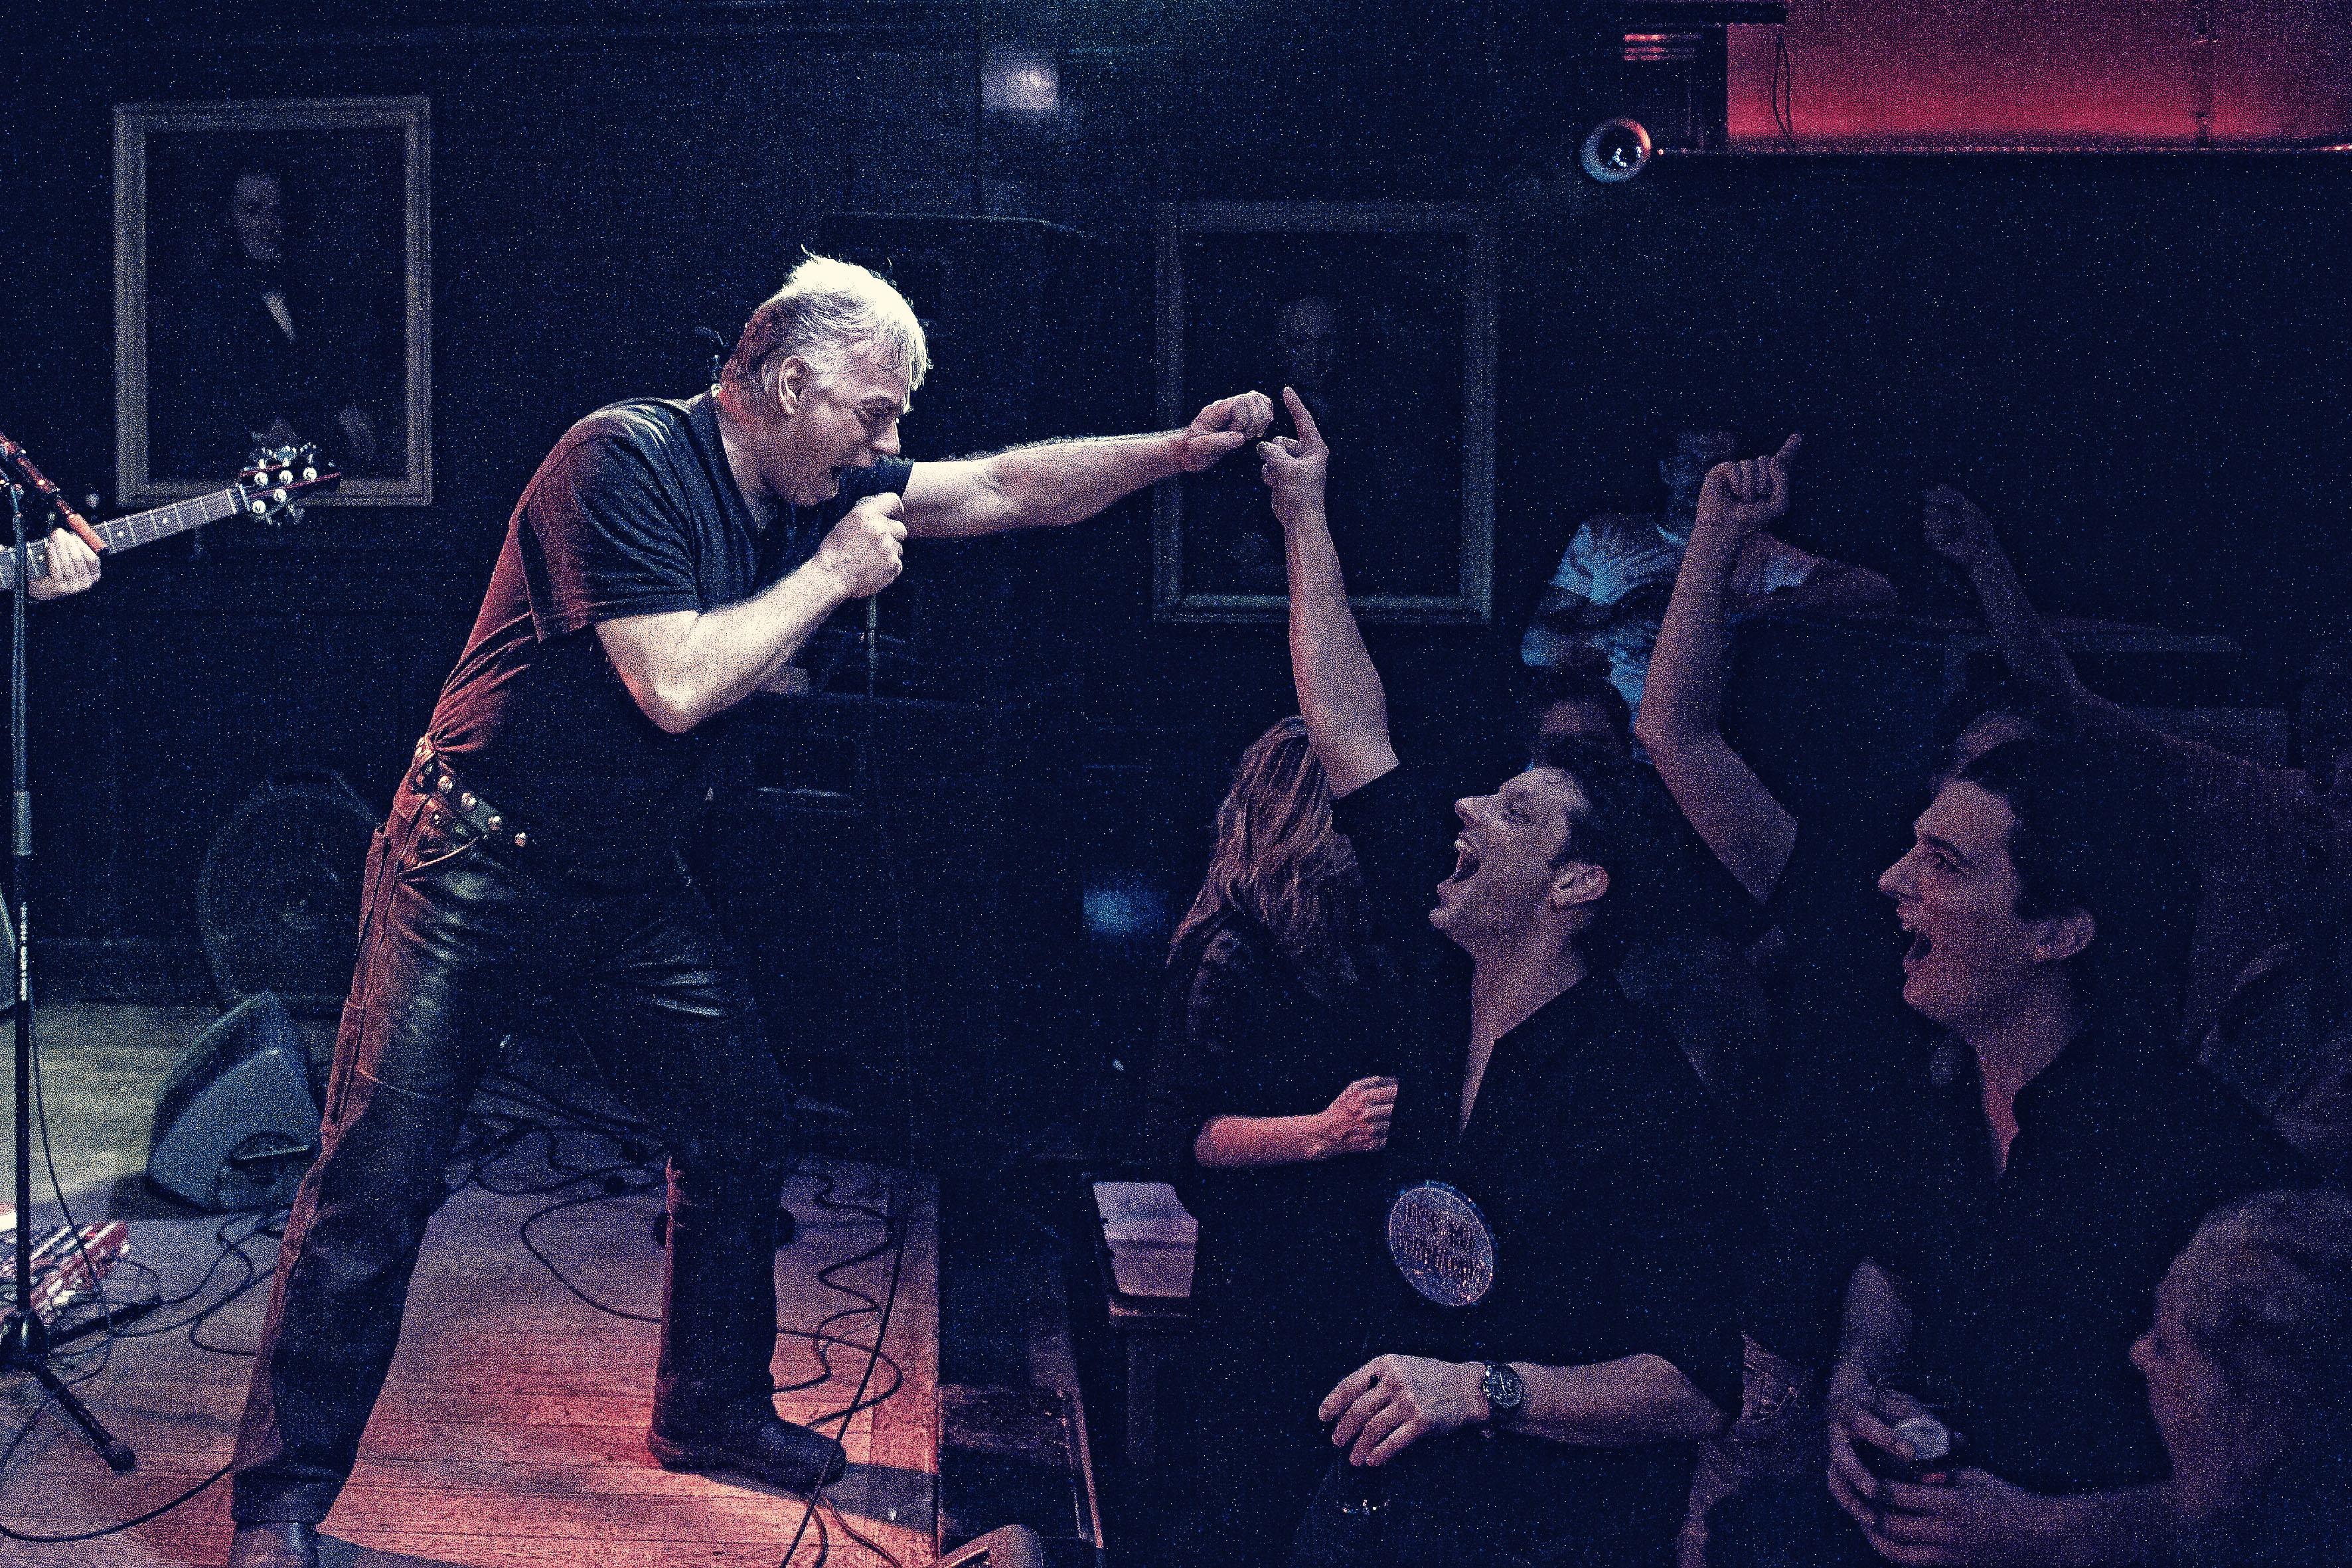 Robert Pennekamp, Heeren van Amstel, Amsterdam, performance, zang , karaoke, hard rock, smartlappen, zanger